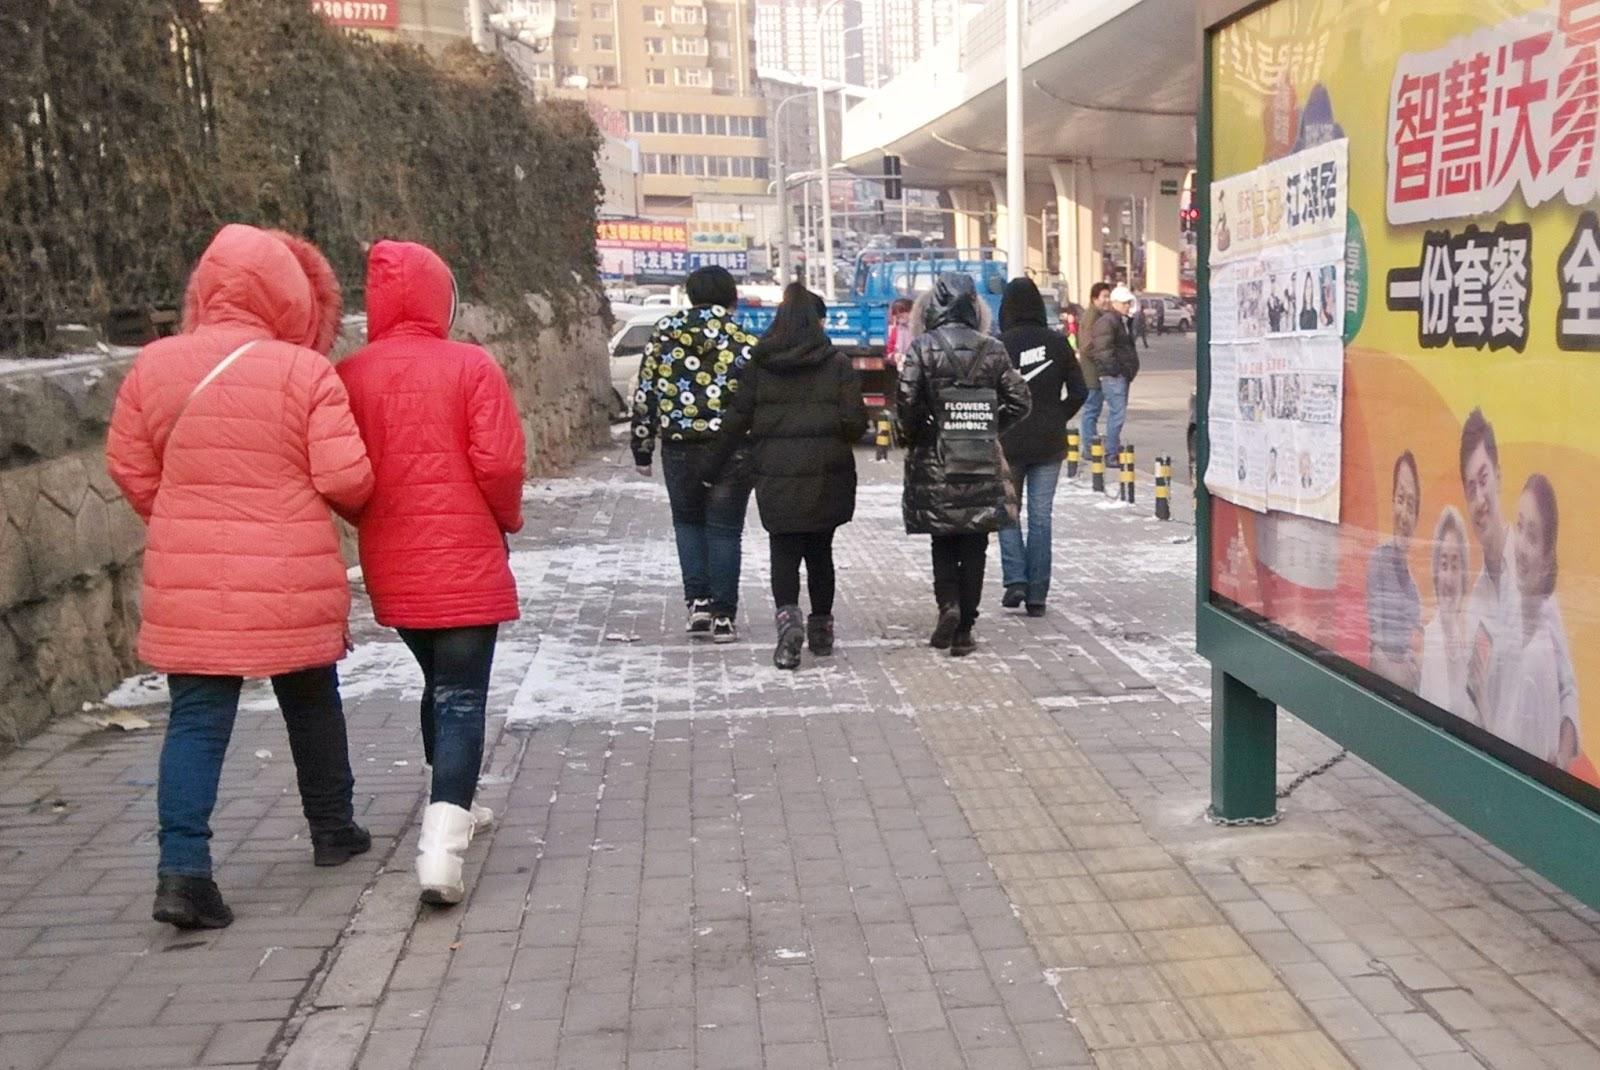 2015-11-28-minghui-changchun-sujiang-posters-08.jpg